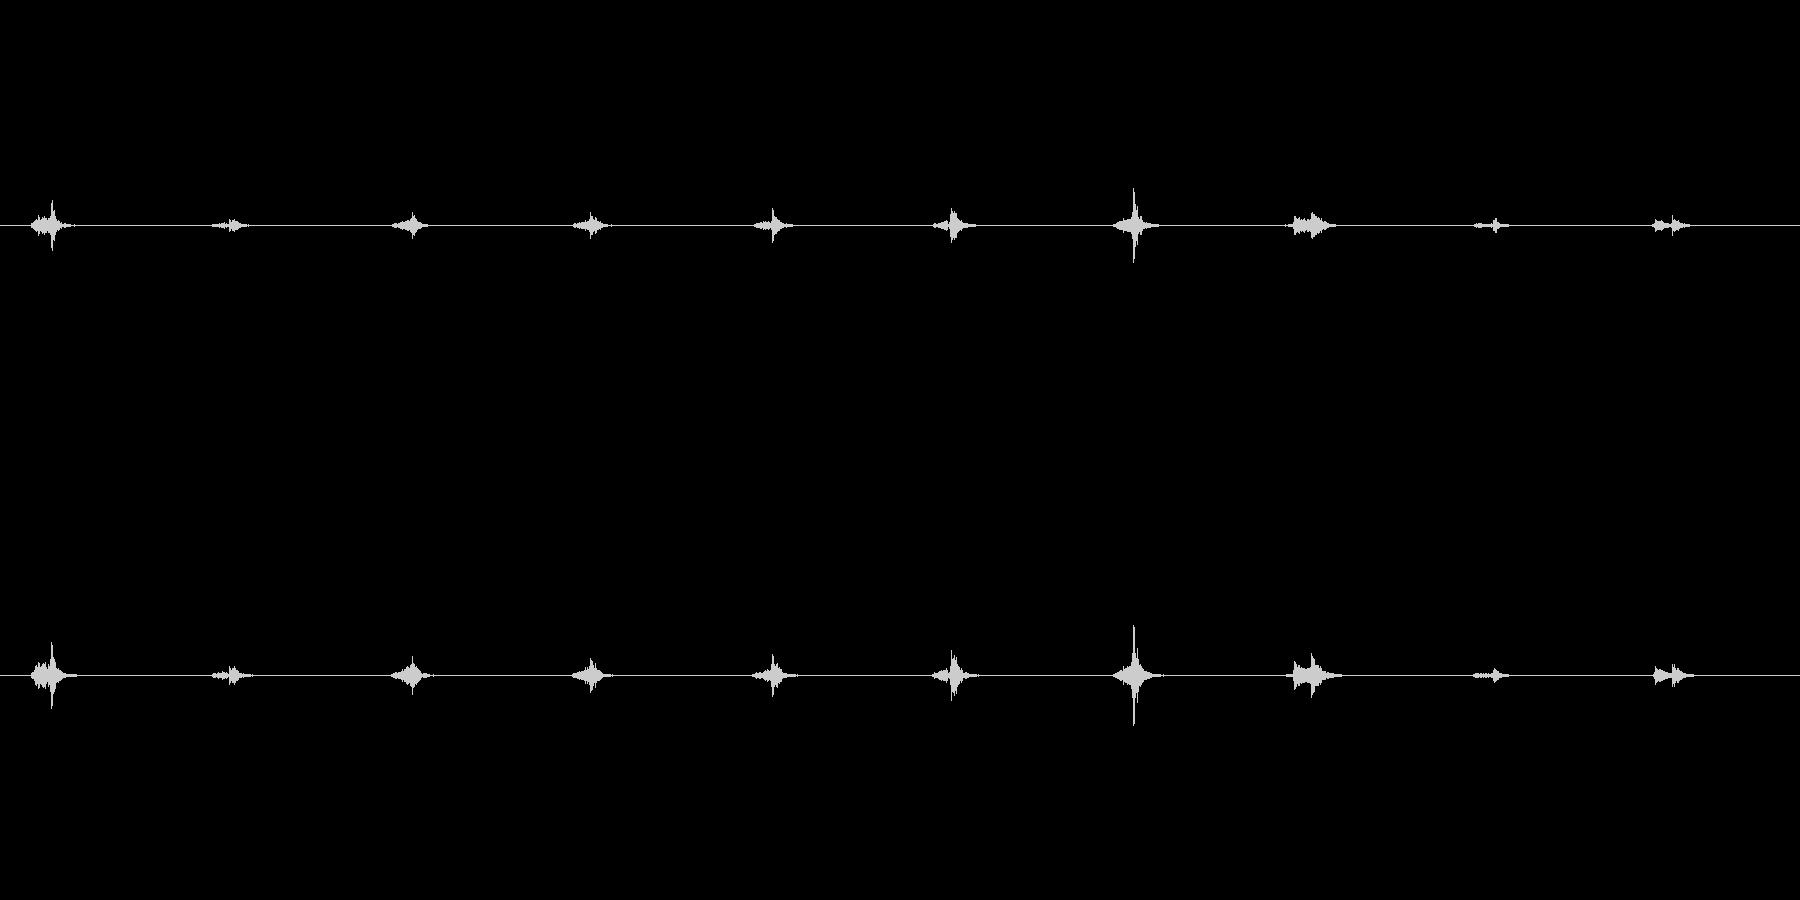 チクタク…時計の音の未再生の波形